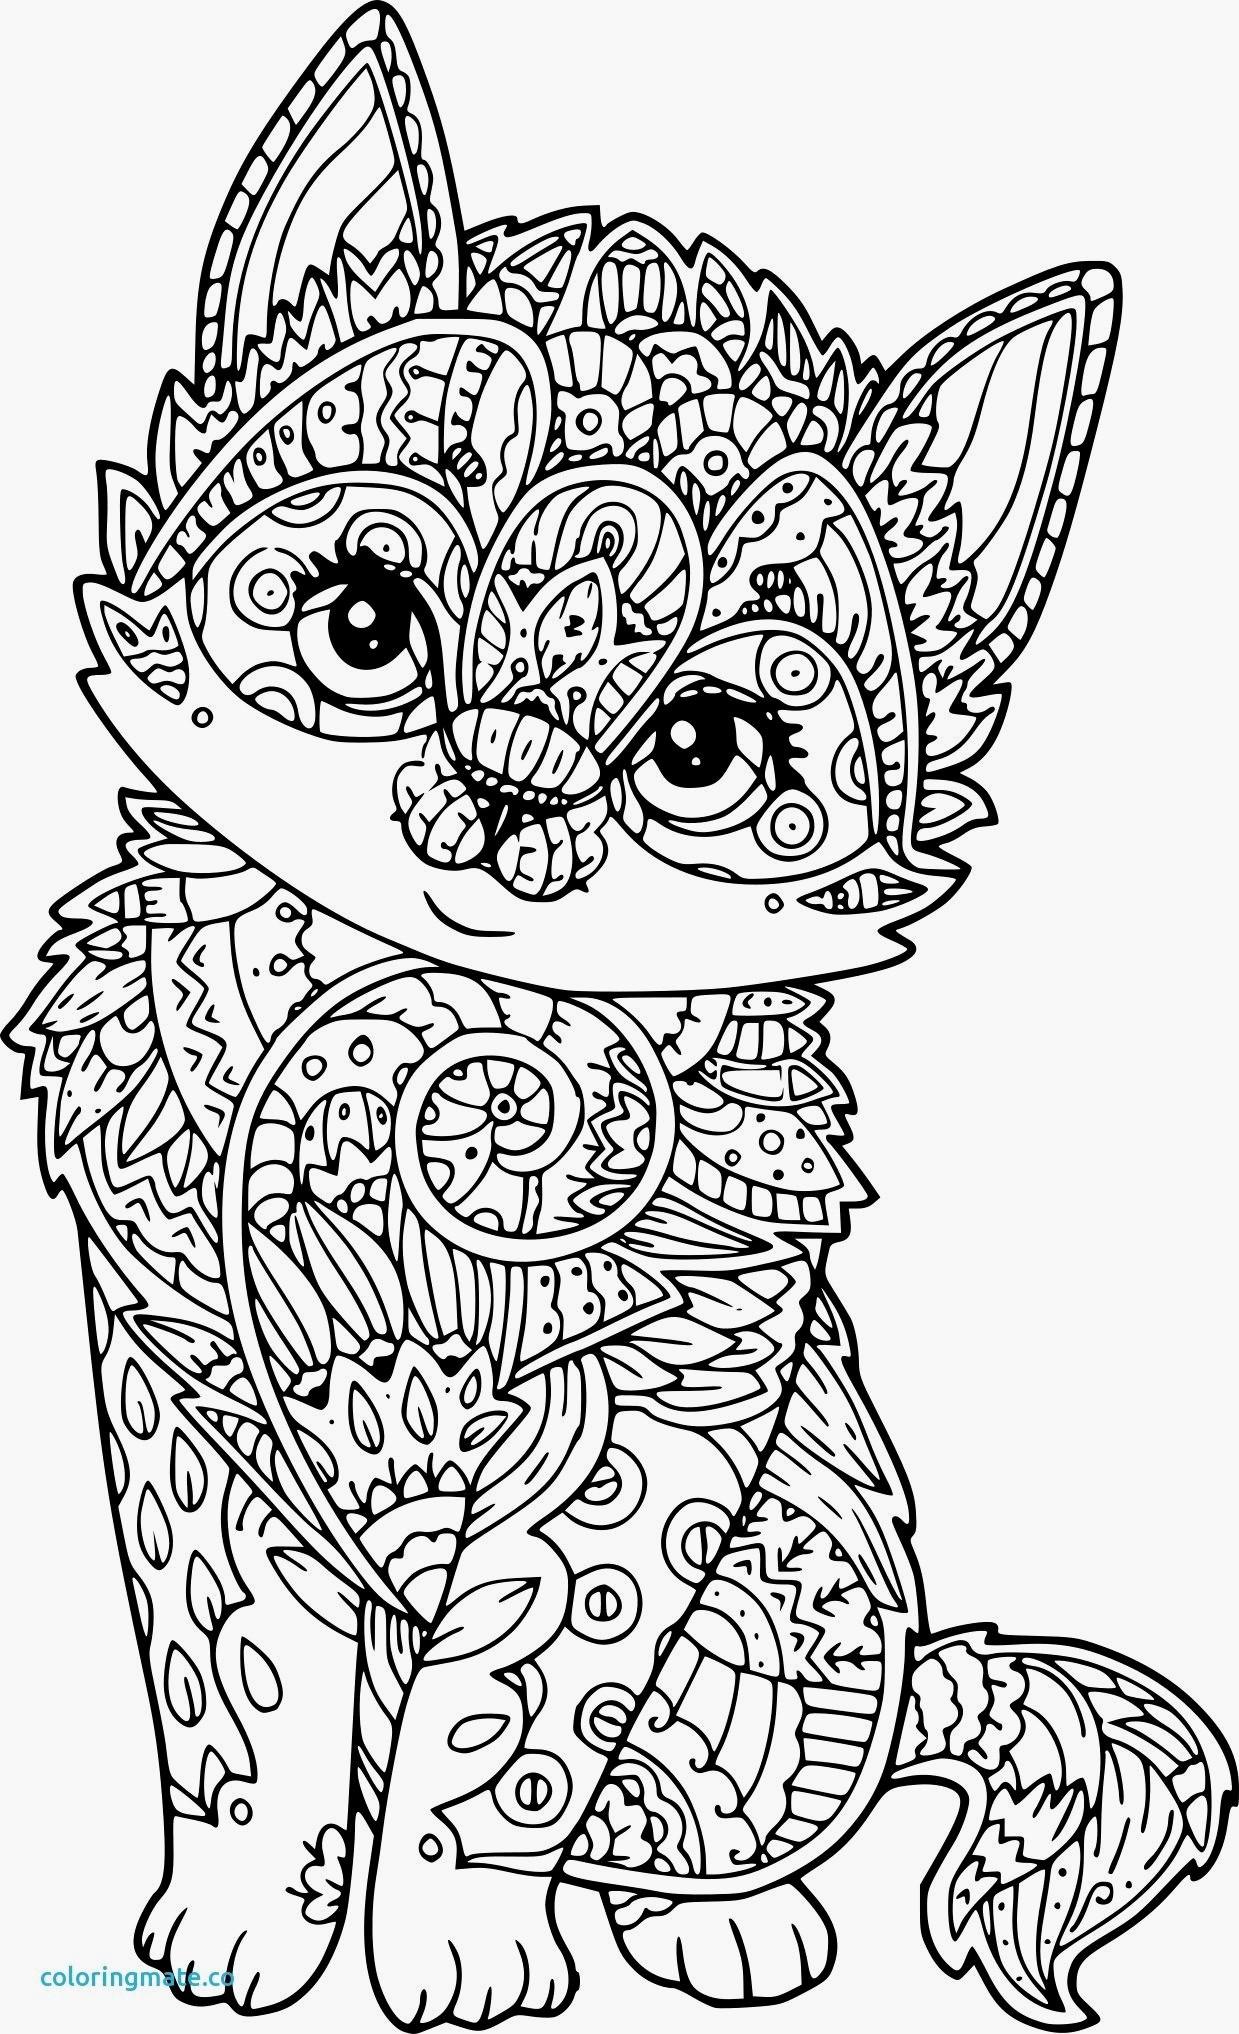 coloriage de chat a imprimer gratuit of image de chaton a imprimer interieur coloriage a imprimer gratuit chat